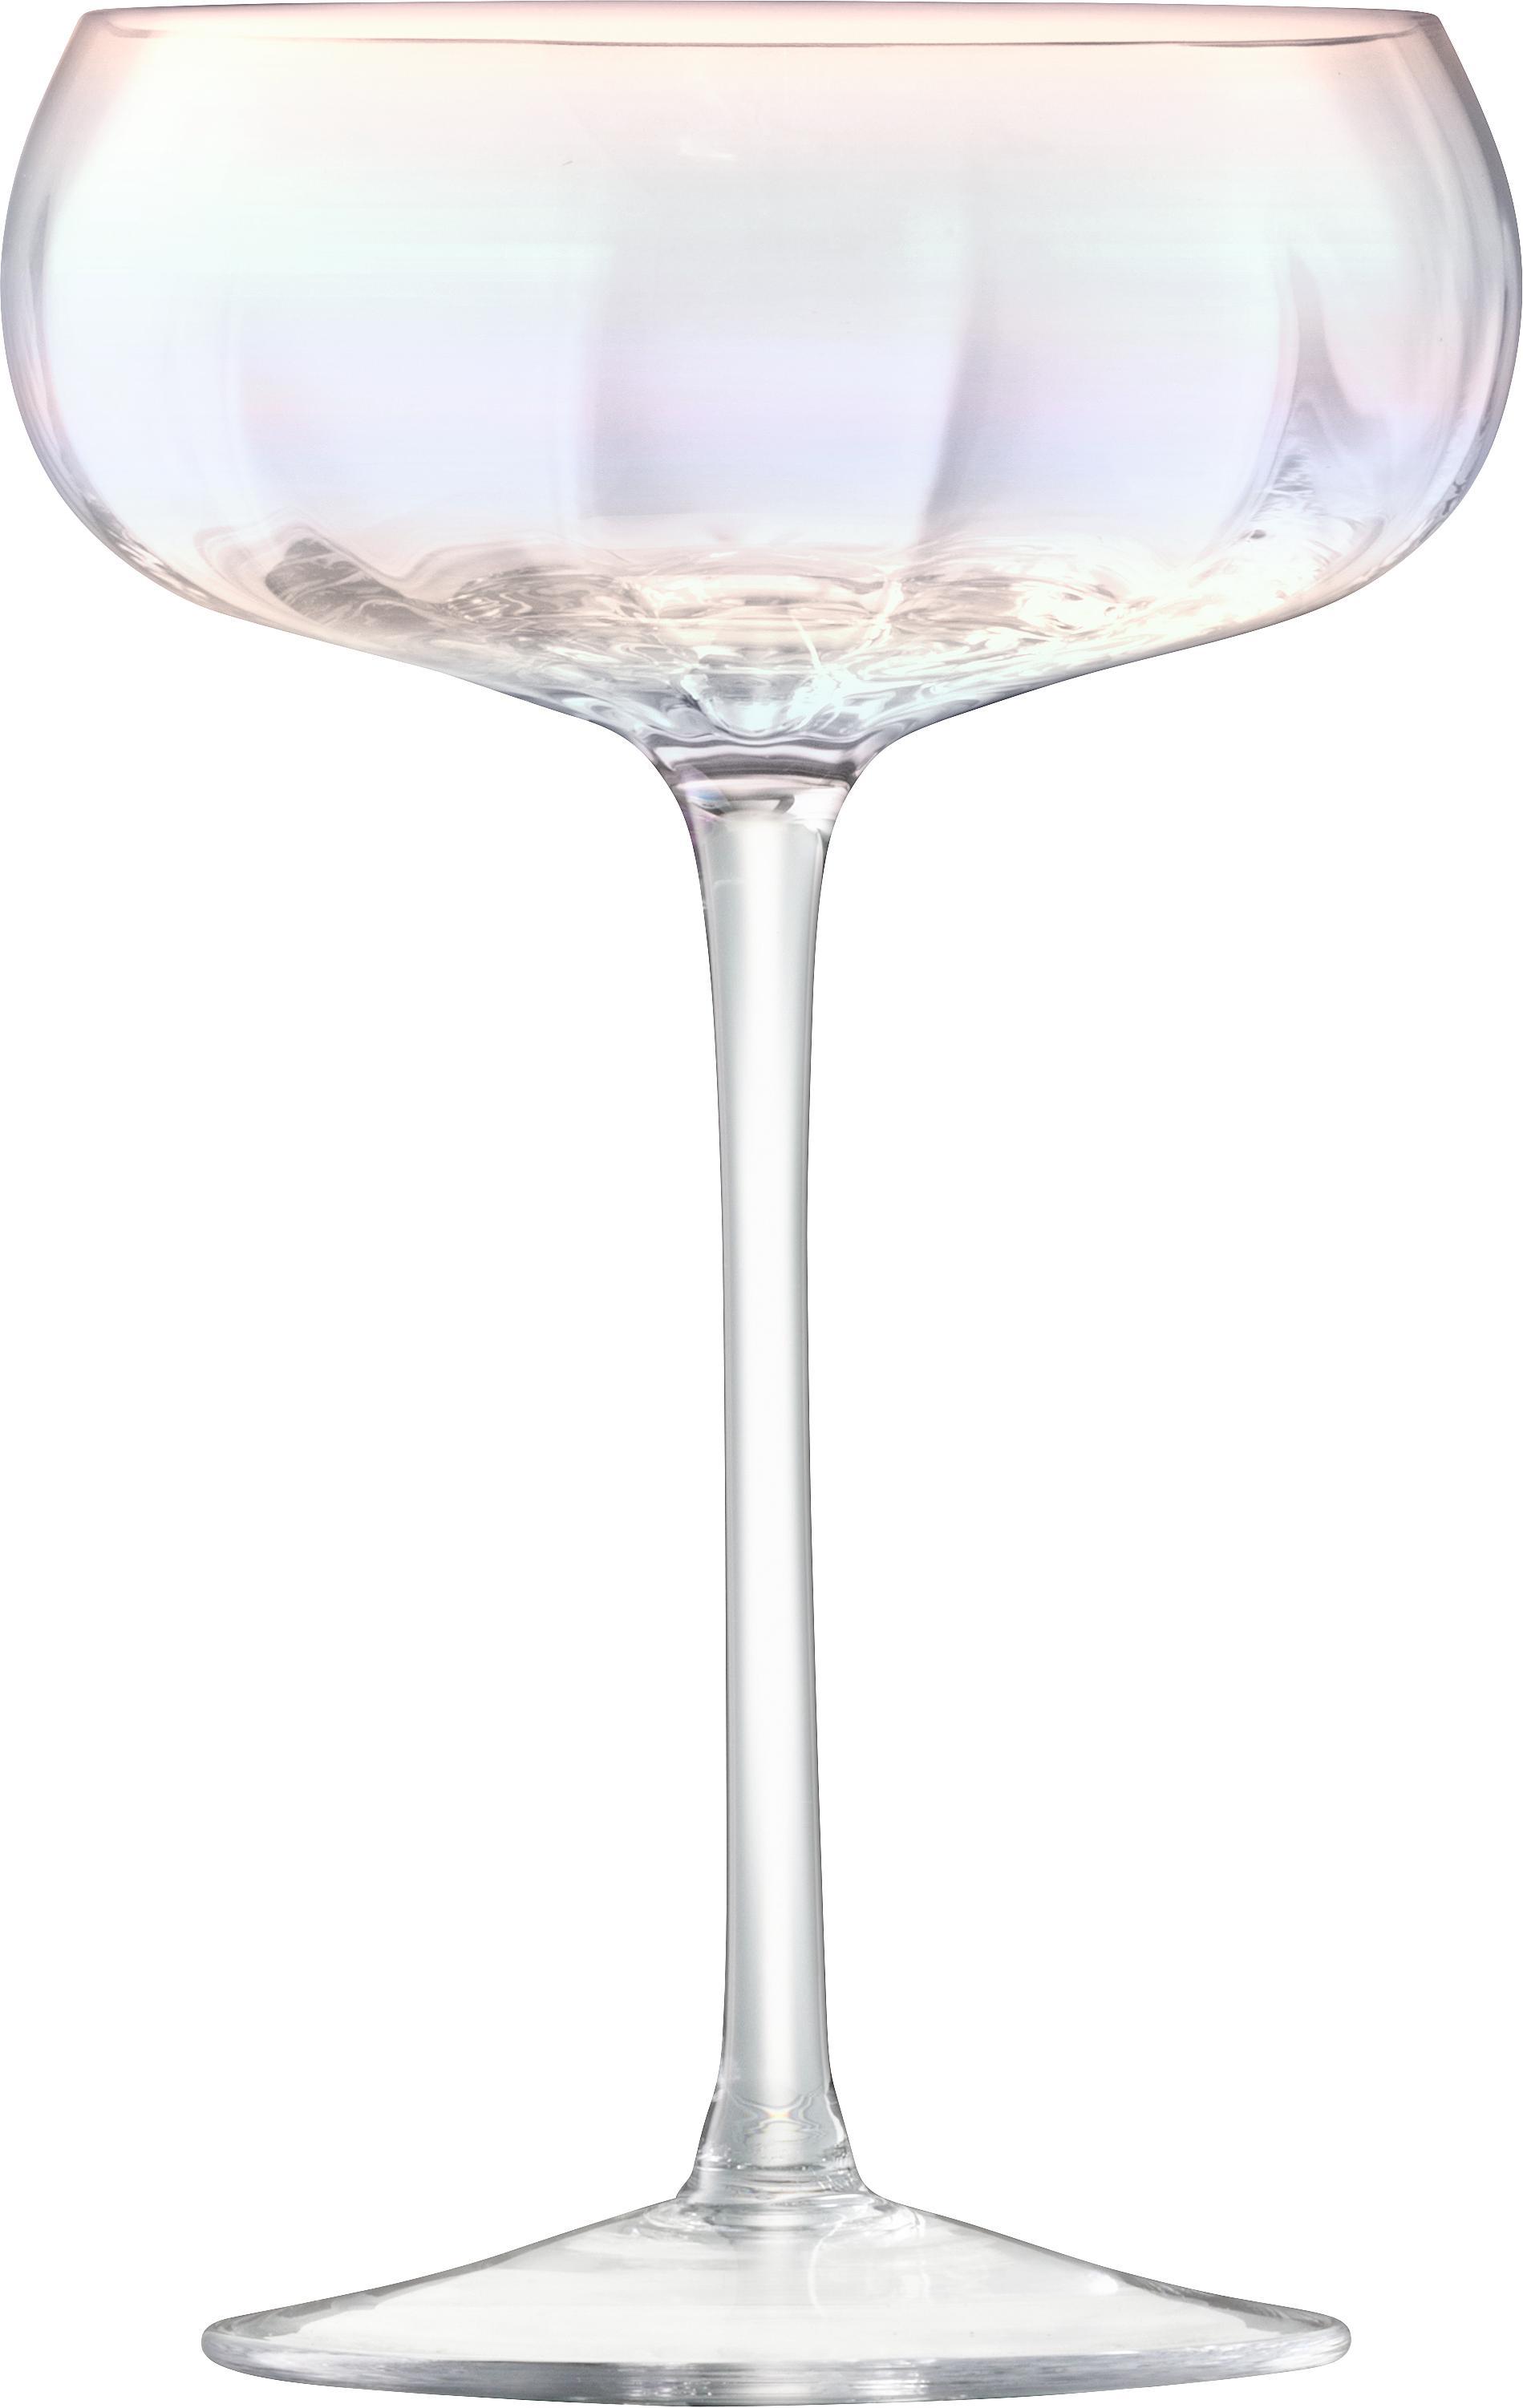 Copas pompadour de champán de vidrio soplado Pearl, 4uds., Vidrio, Brillo perla, Ø 11 x Al 16 cm